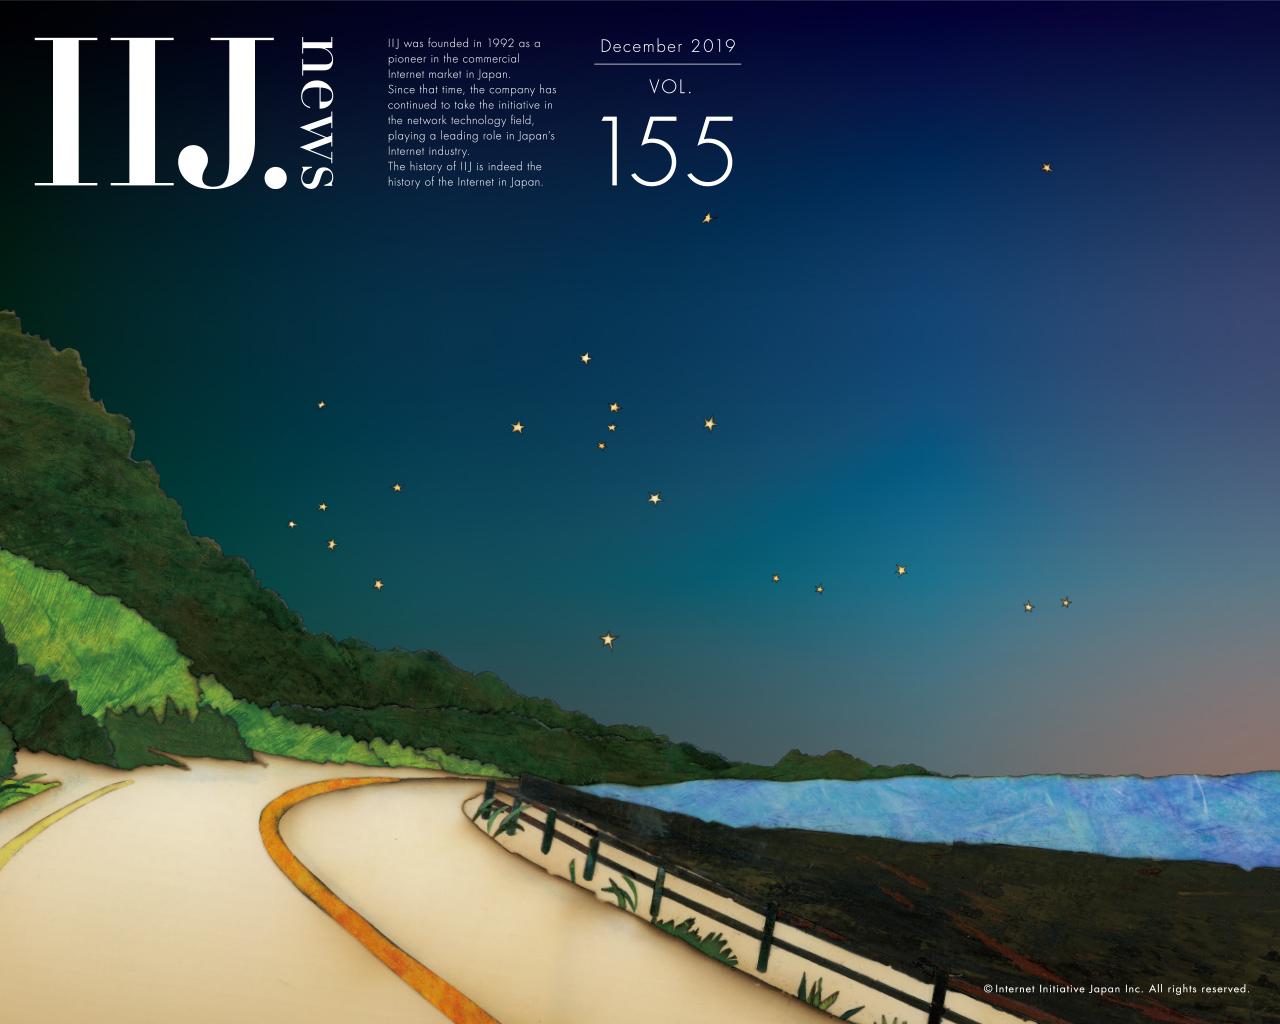 Iij News Vol 155 December 19 壁紙 1280x1024 壁紙ダウンロード 広報誌 Iij News Iij